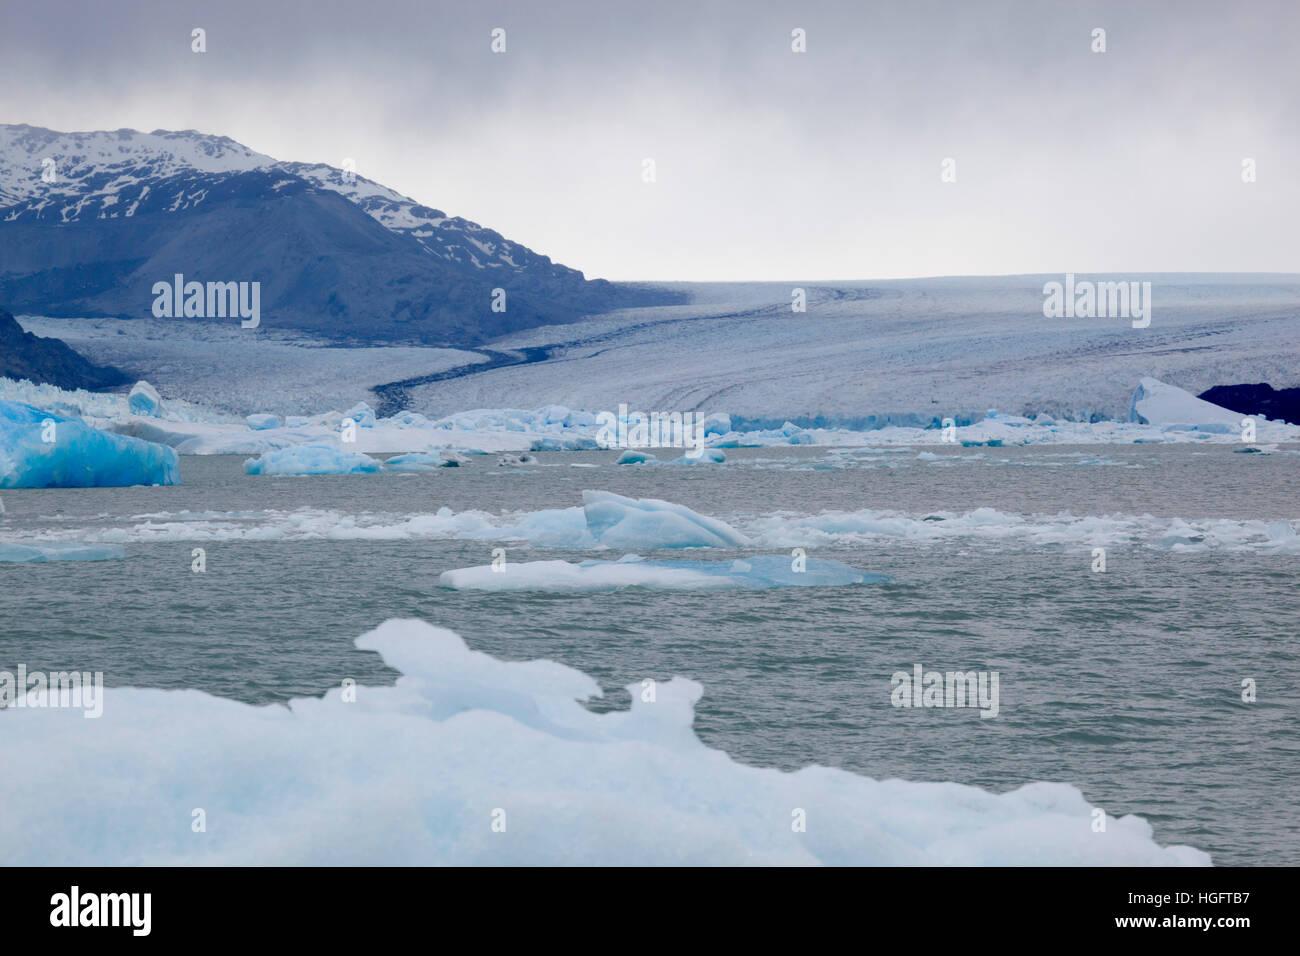 Upsala Glacier and icebergs on Lago Argentino, El Calafate, Parque Nacional Los Glaciares, Patagonia, Argentina, - Stock Image